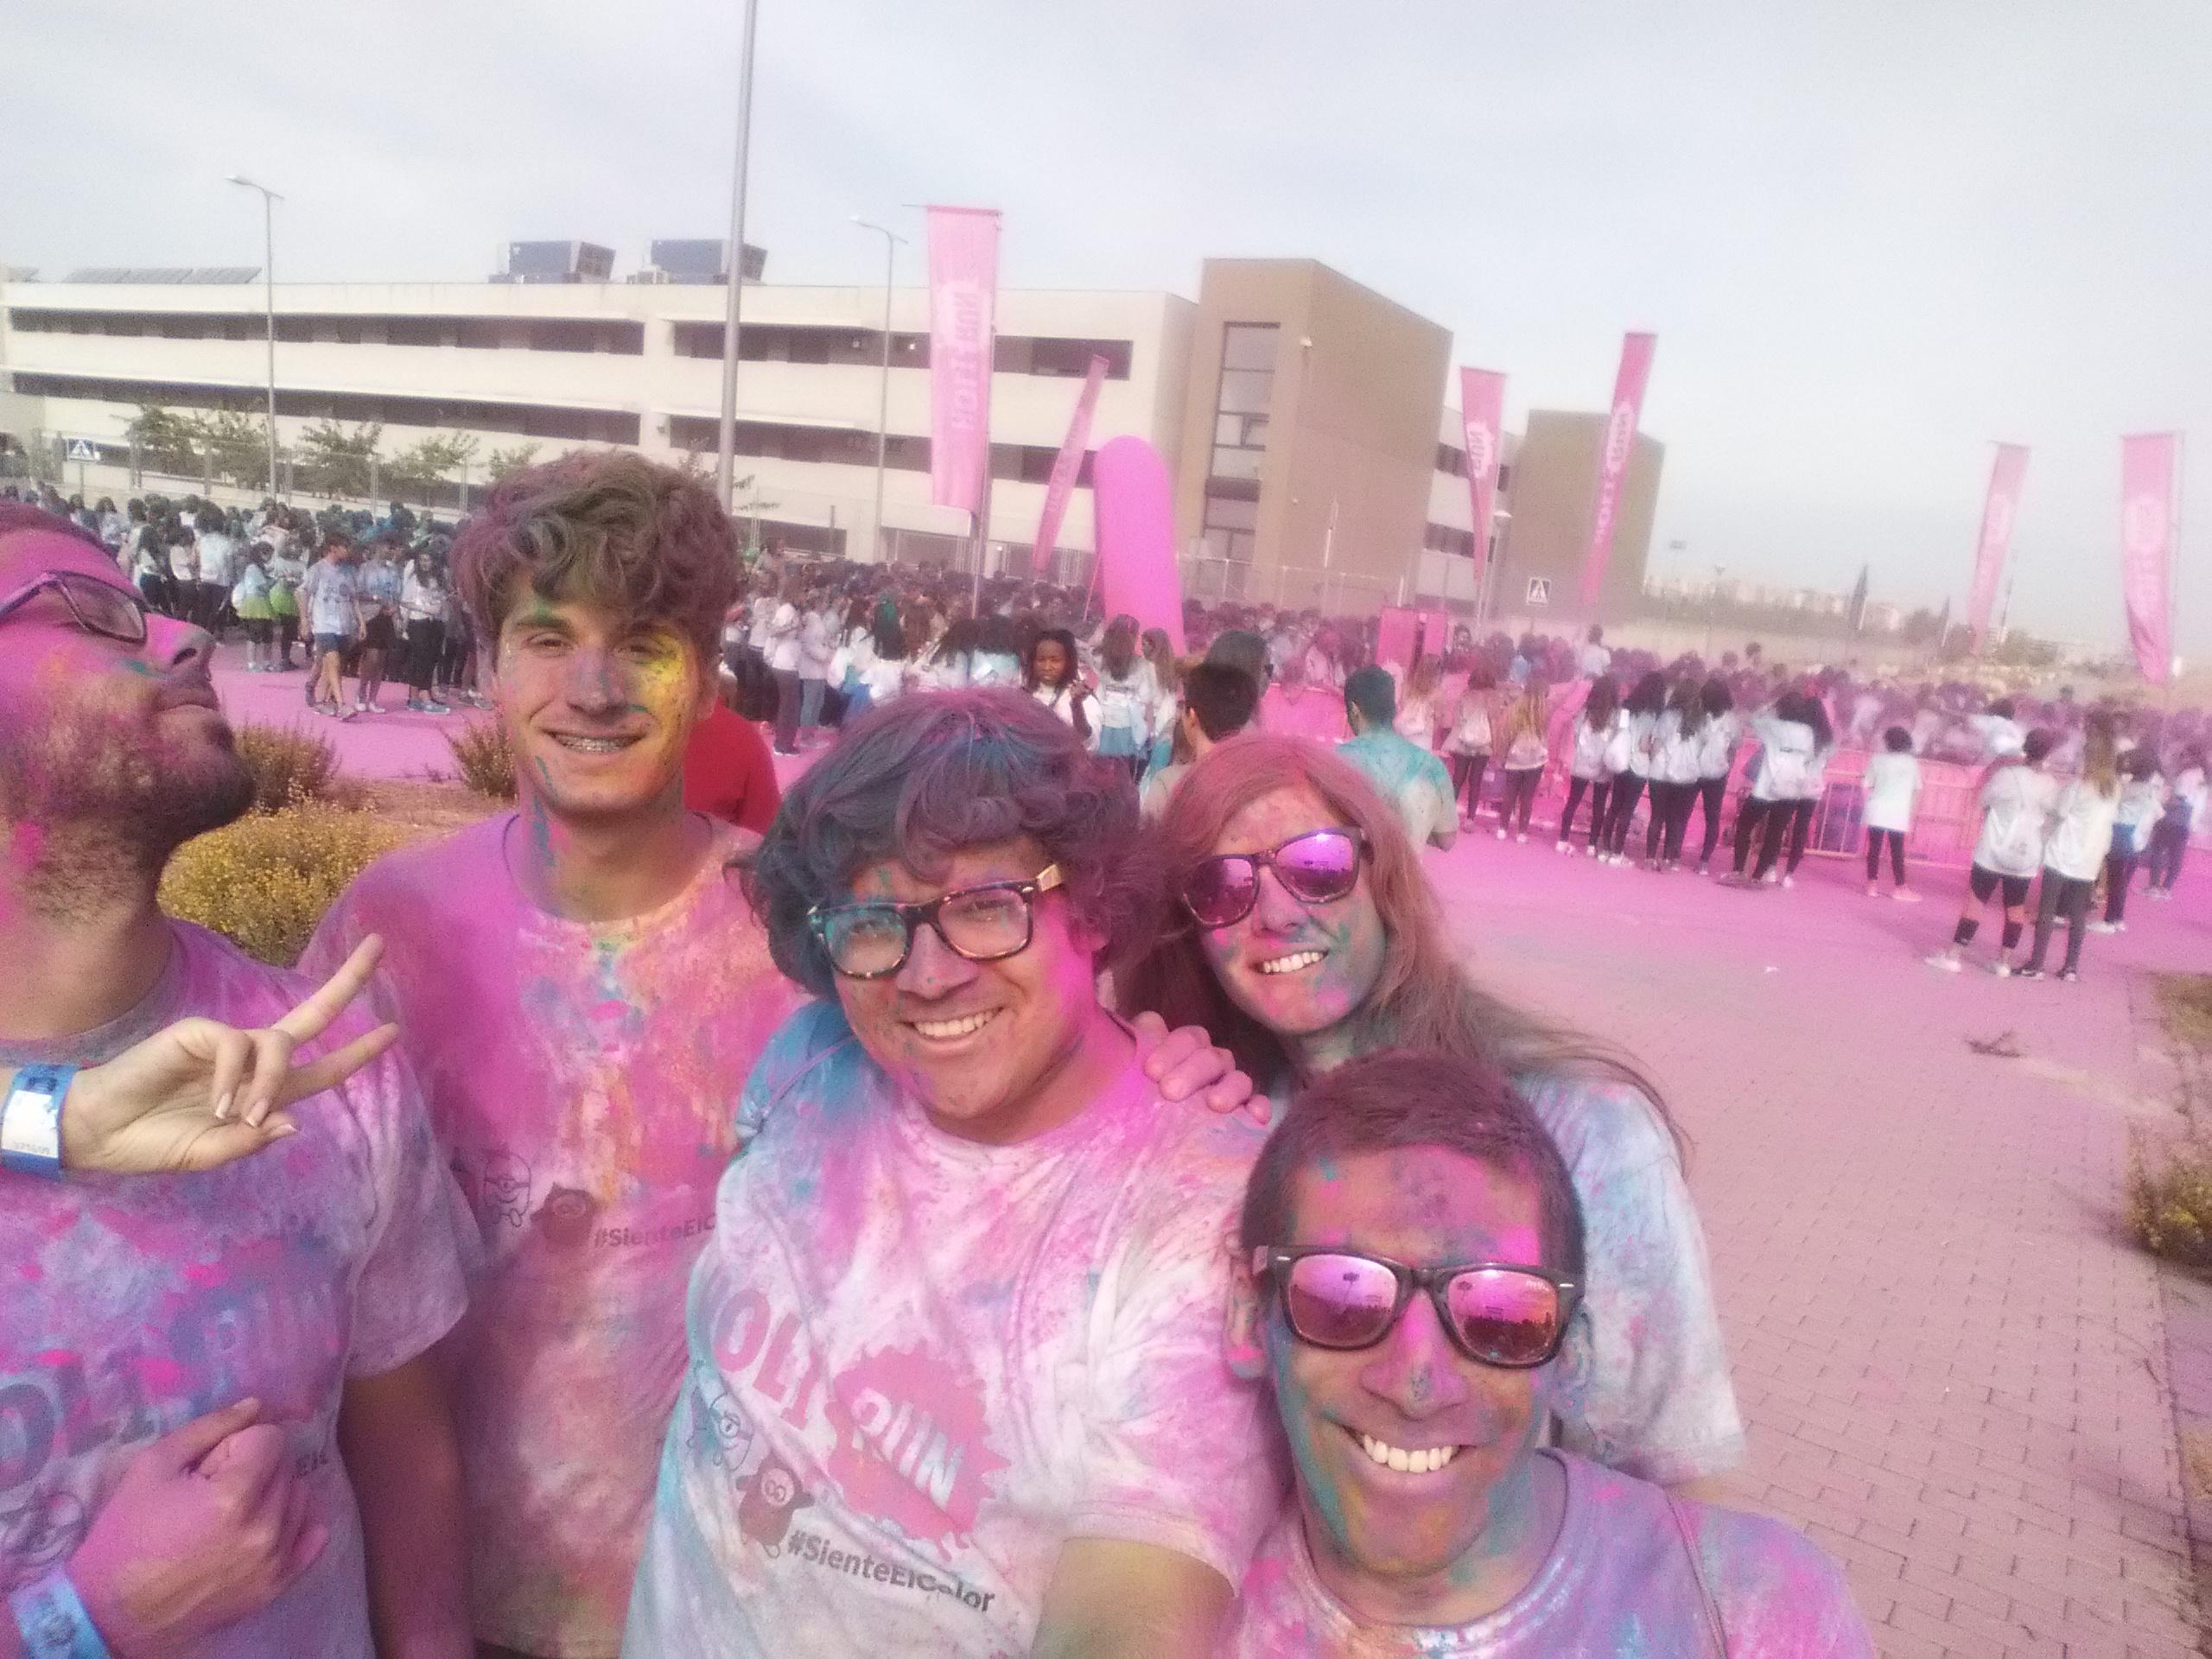 Pintados cual panteras rosas tras cruzar el arco rosa, sin duda, el más llamativo de todos.